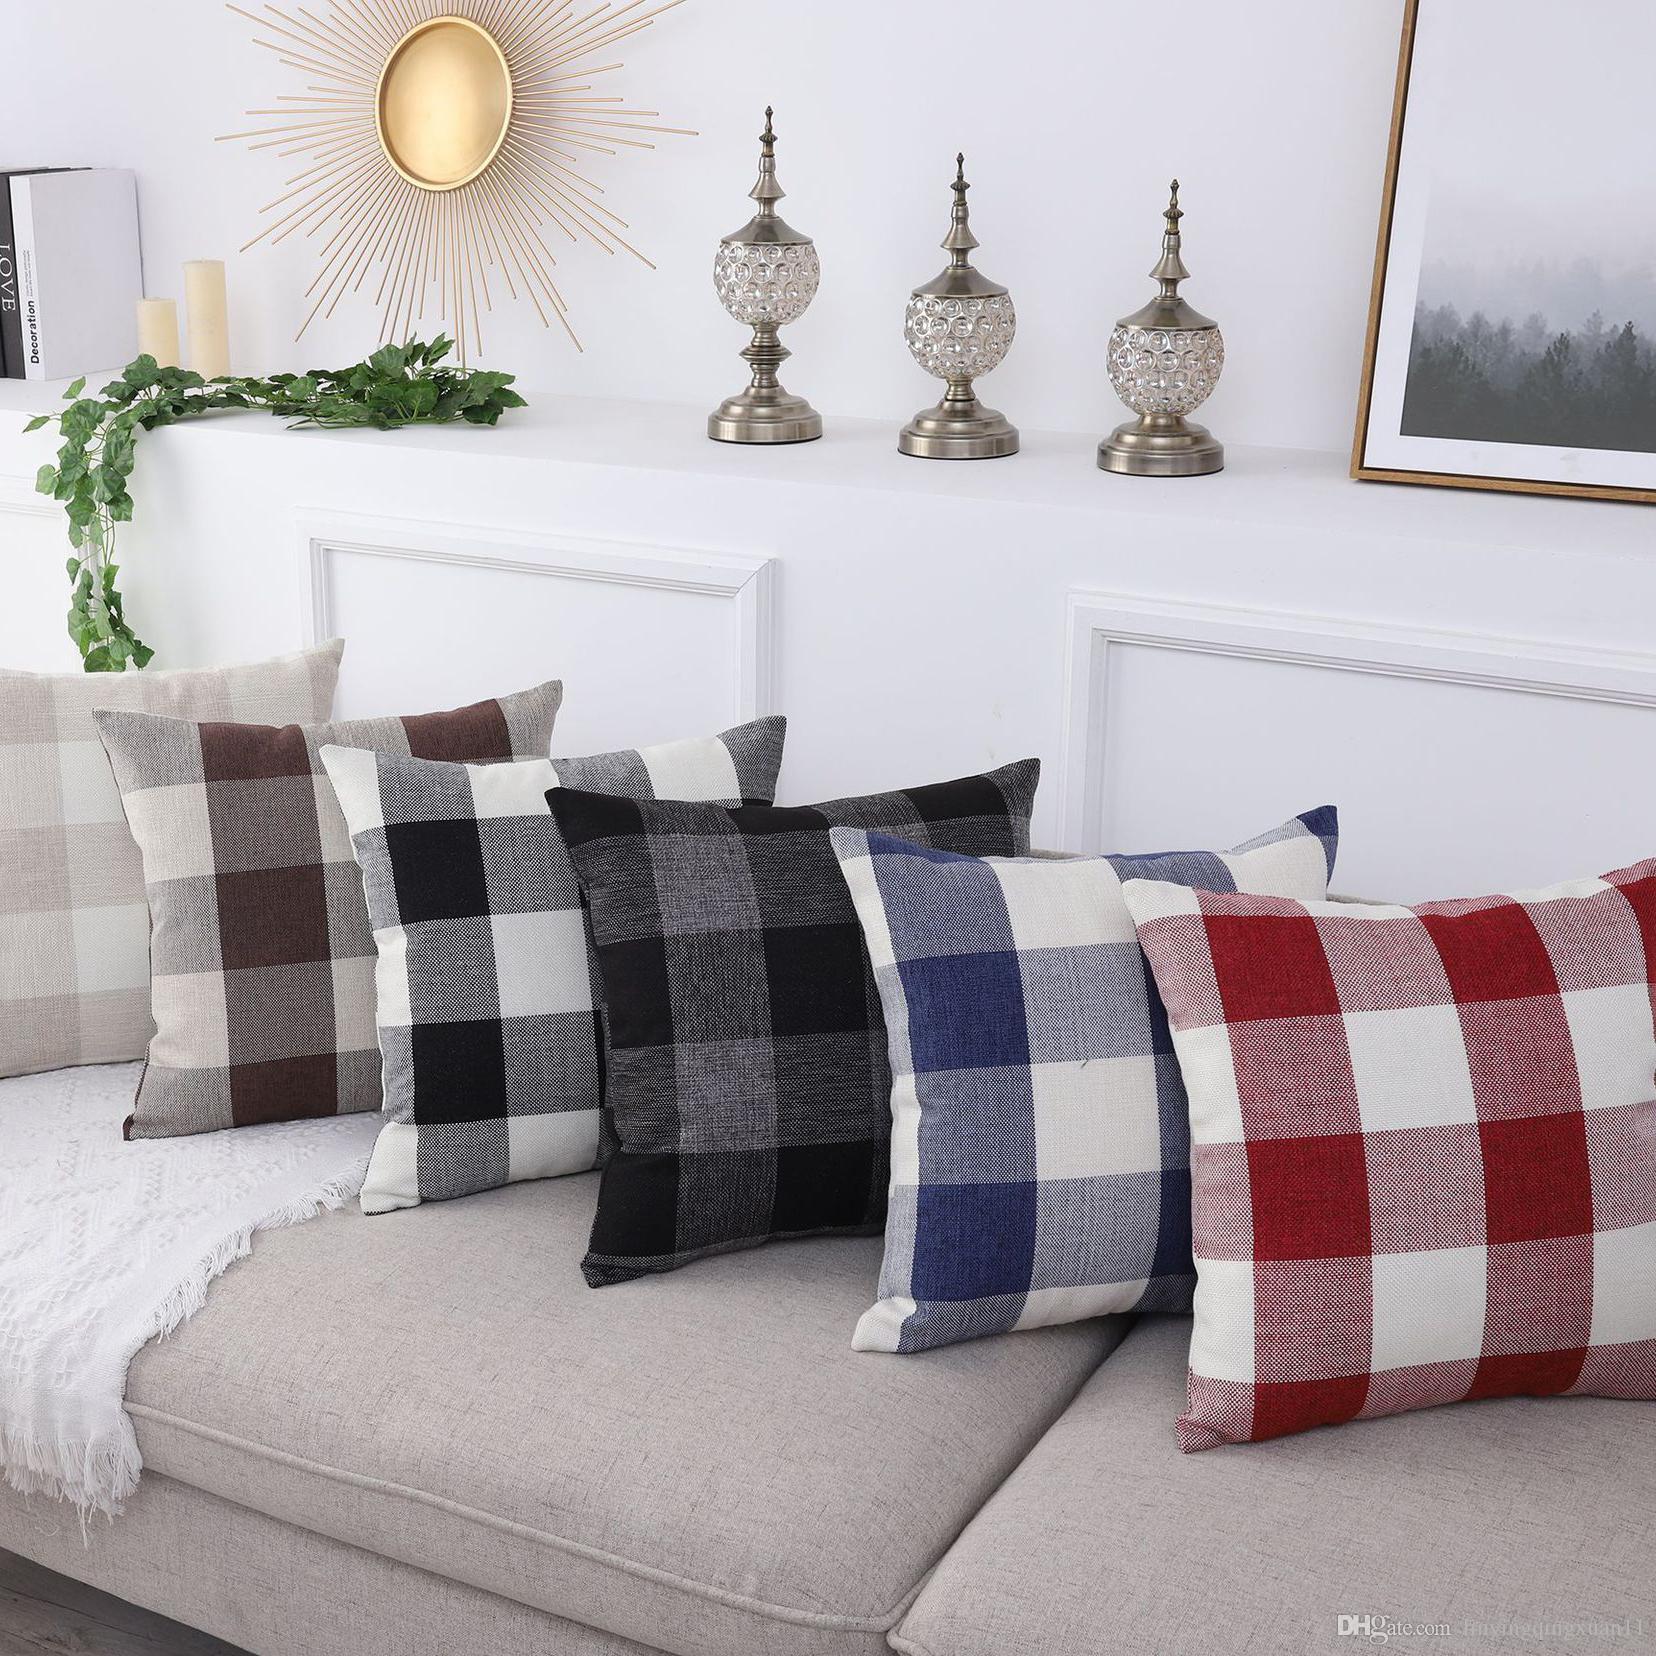 Funda de almohada de celosía Funda de cojín Decorativo Americano Simple Productos de Decoración del Hogar Sofá Silla de Coche Funda de Almohada 45 * 45 cm